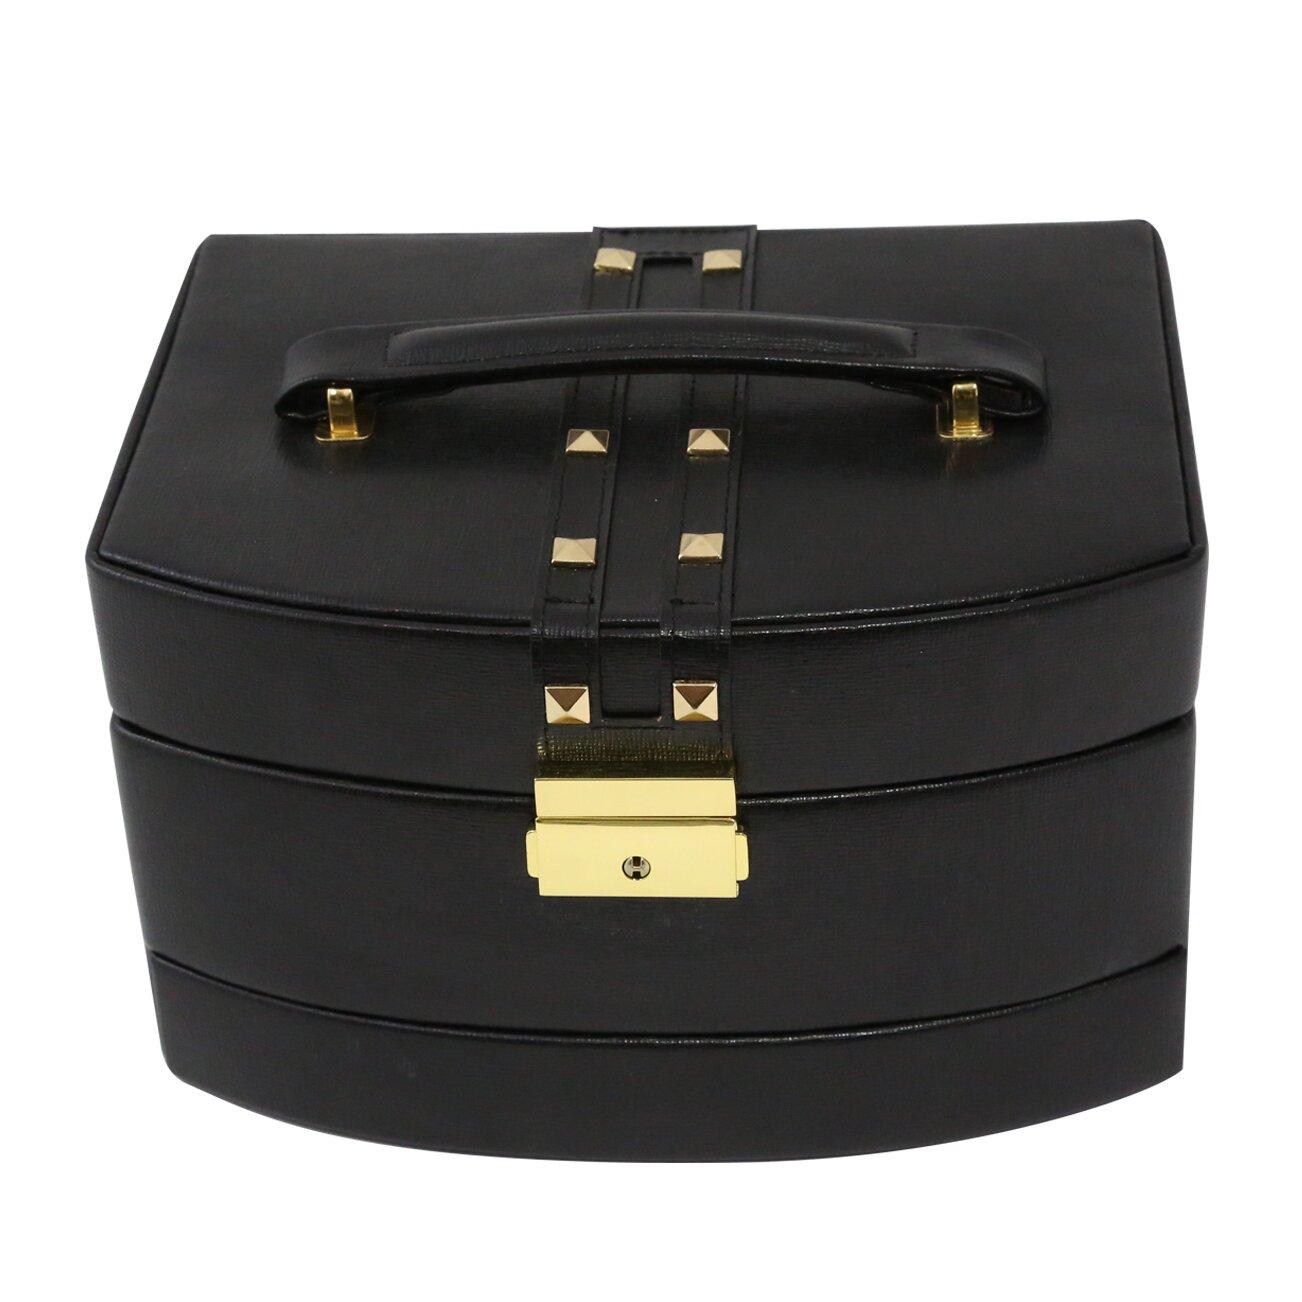 Bey berk studded jewelry box wayfair for Bey berk jewelry box